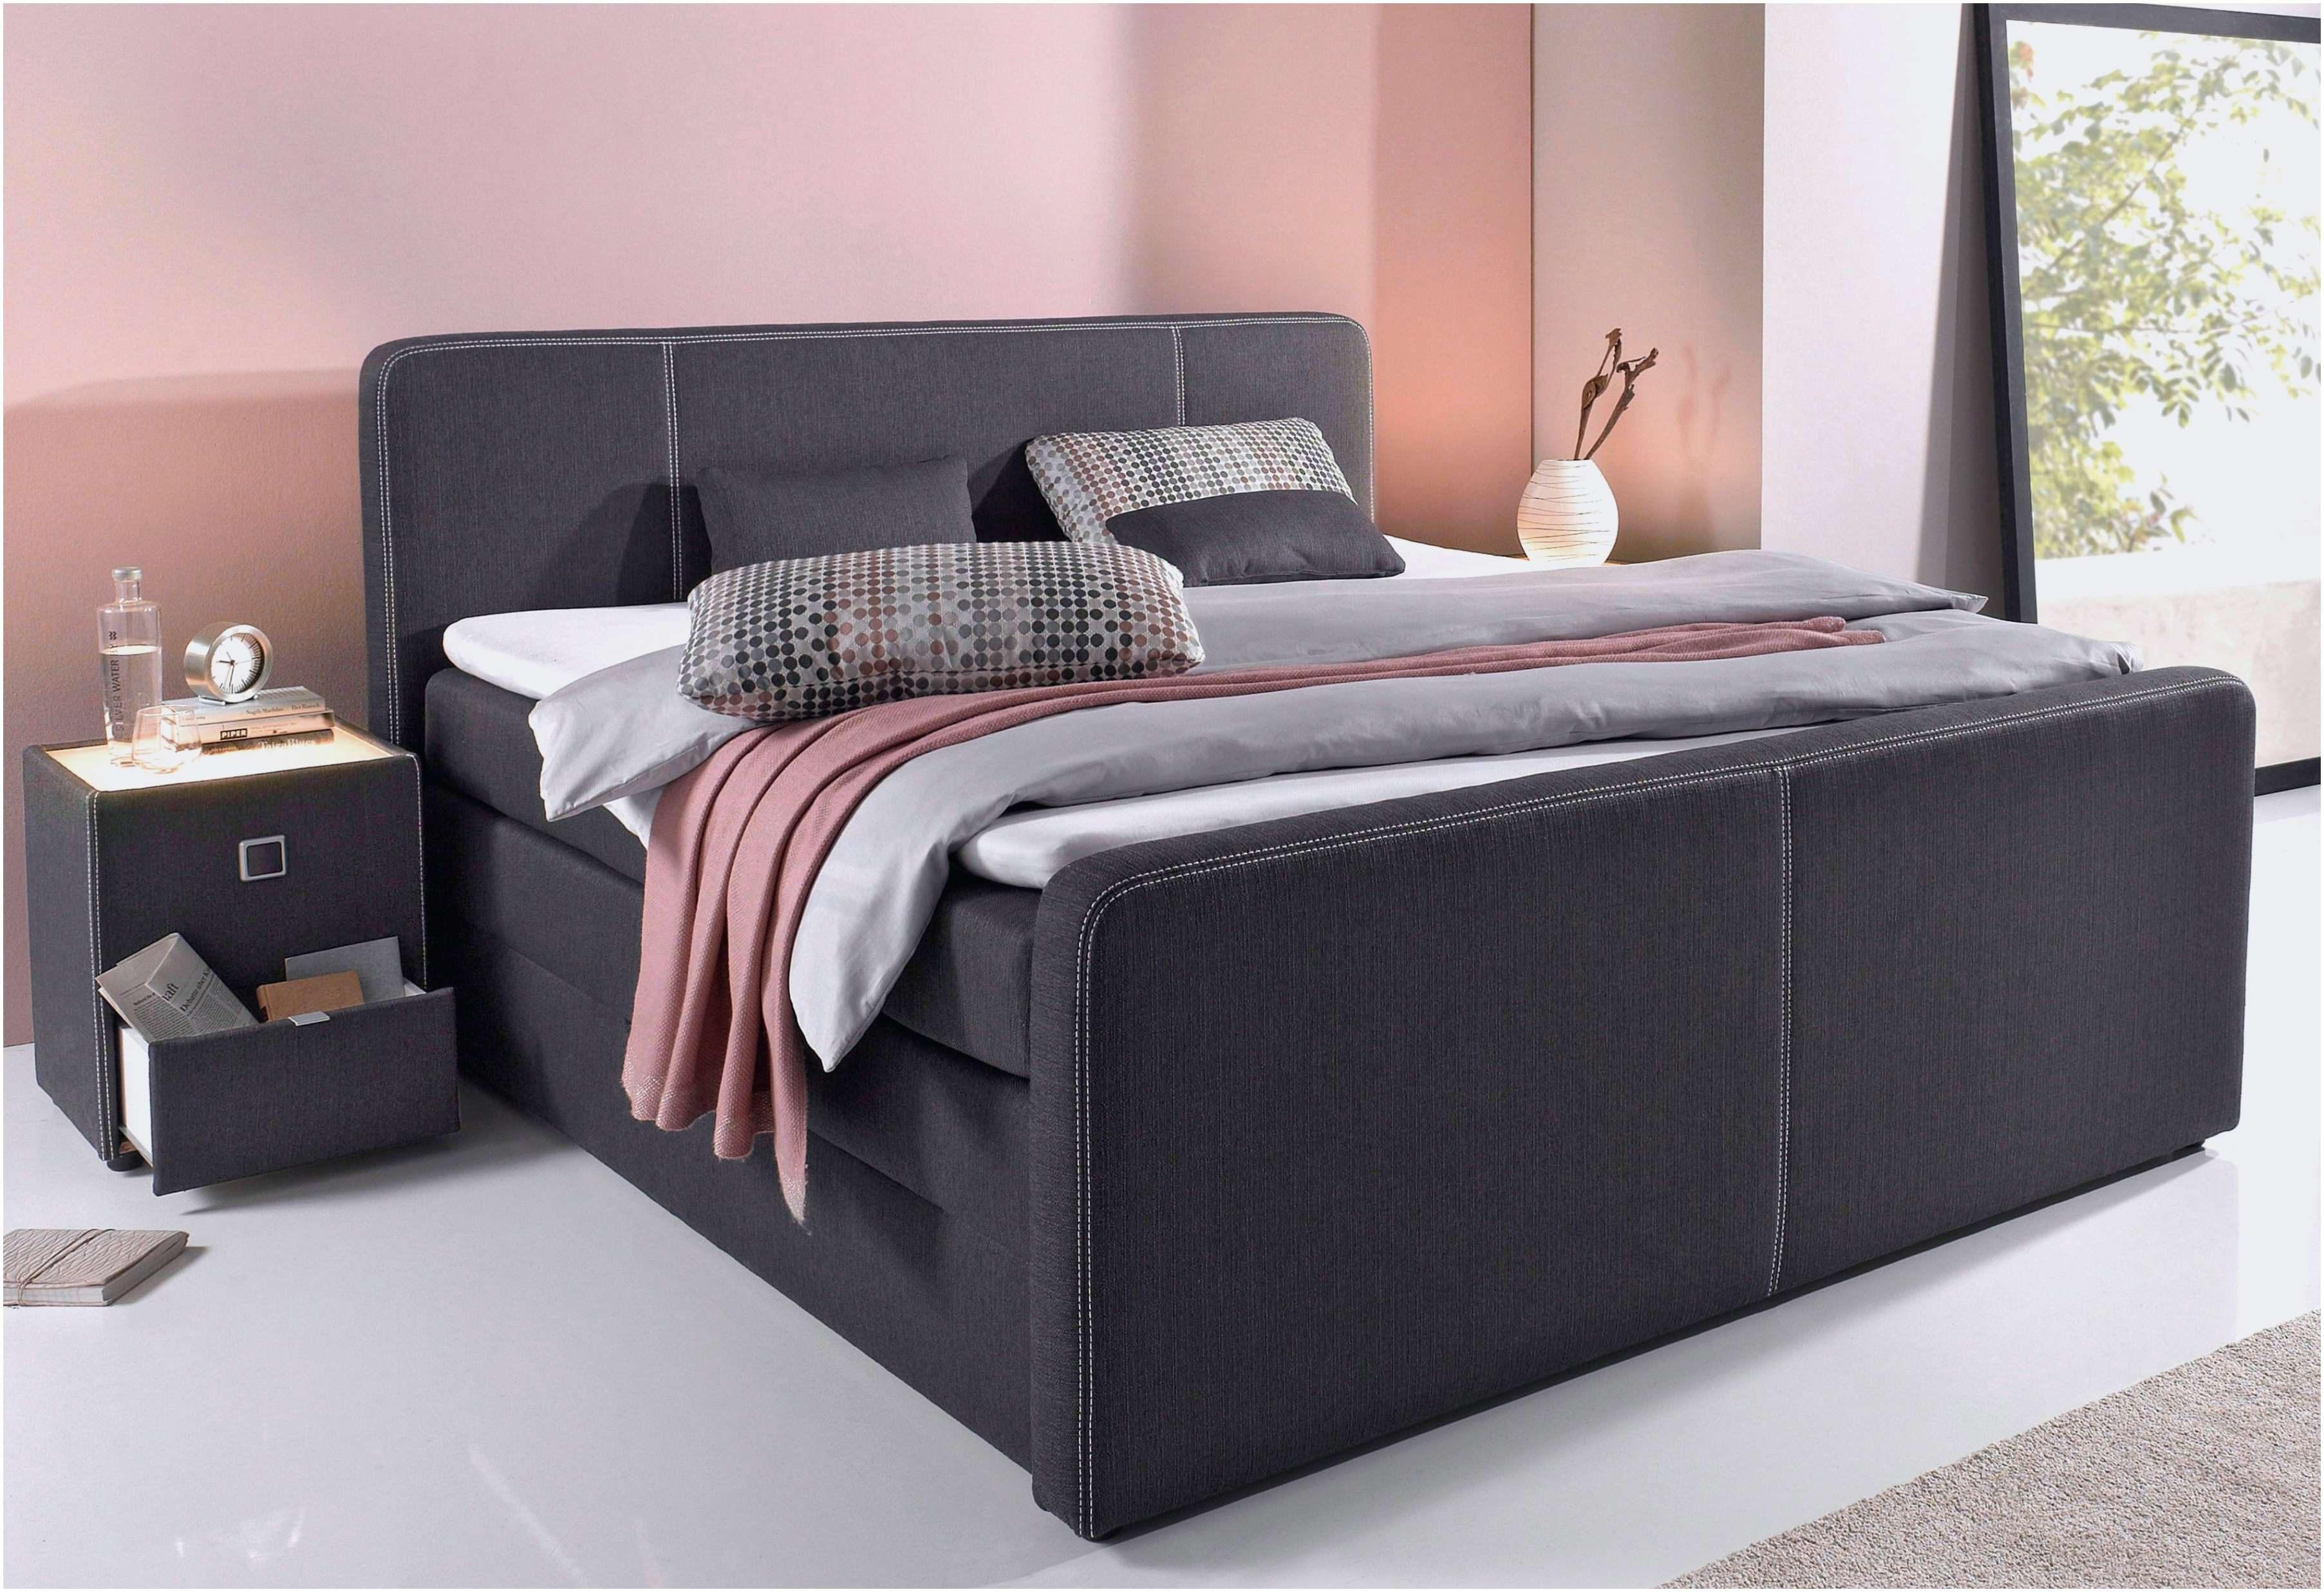 Tete De Lit Ikea Malm Génial Impressionnant Lit 160 Blanc — Mikea Galerie Pour Sélection Dessus